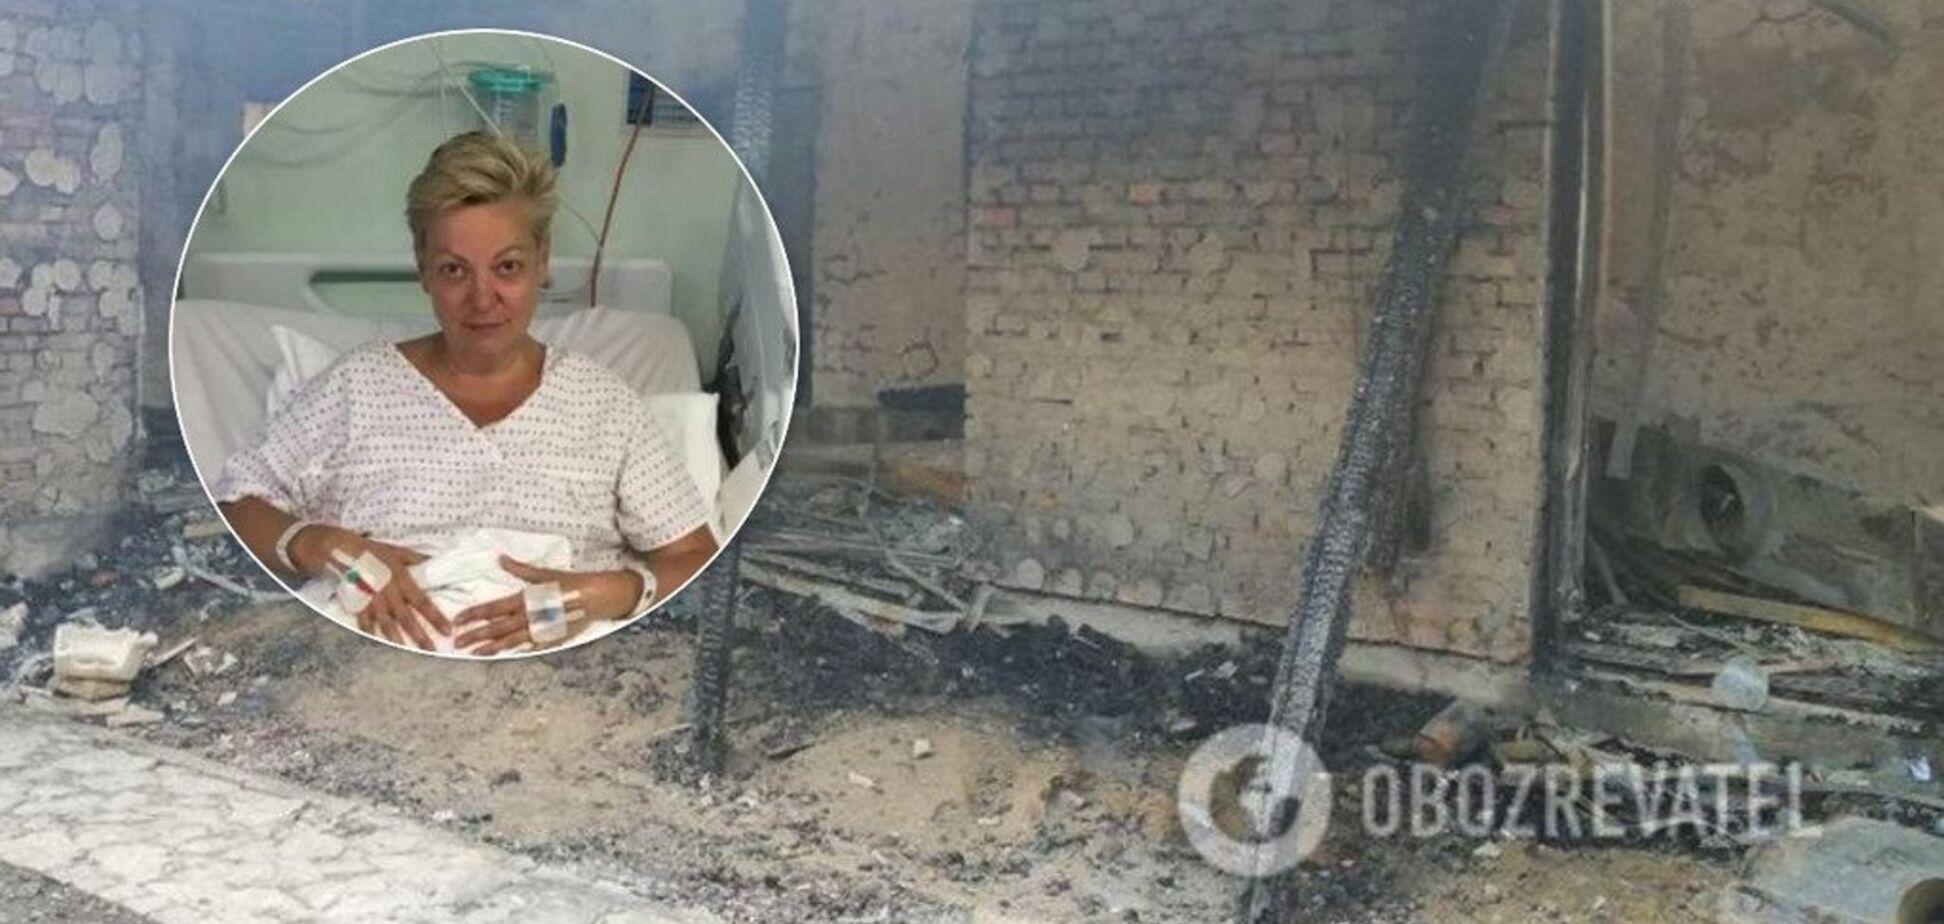 Могли спалити живцем? Гонтарева заявила про страшні нюанси підпалу її будинку